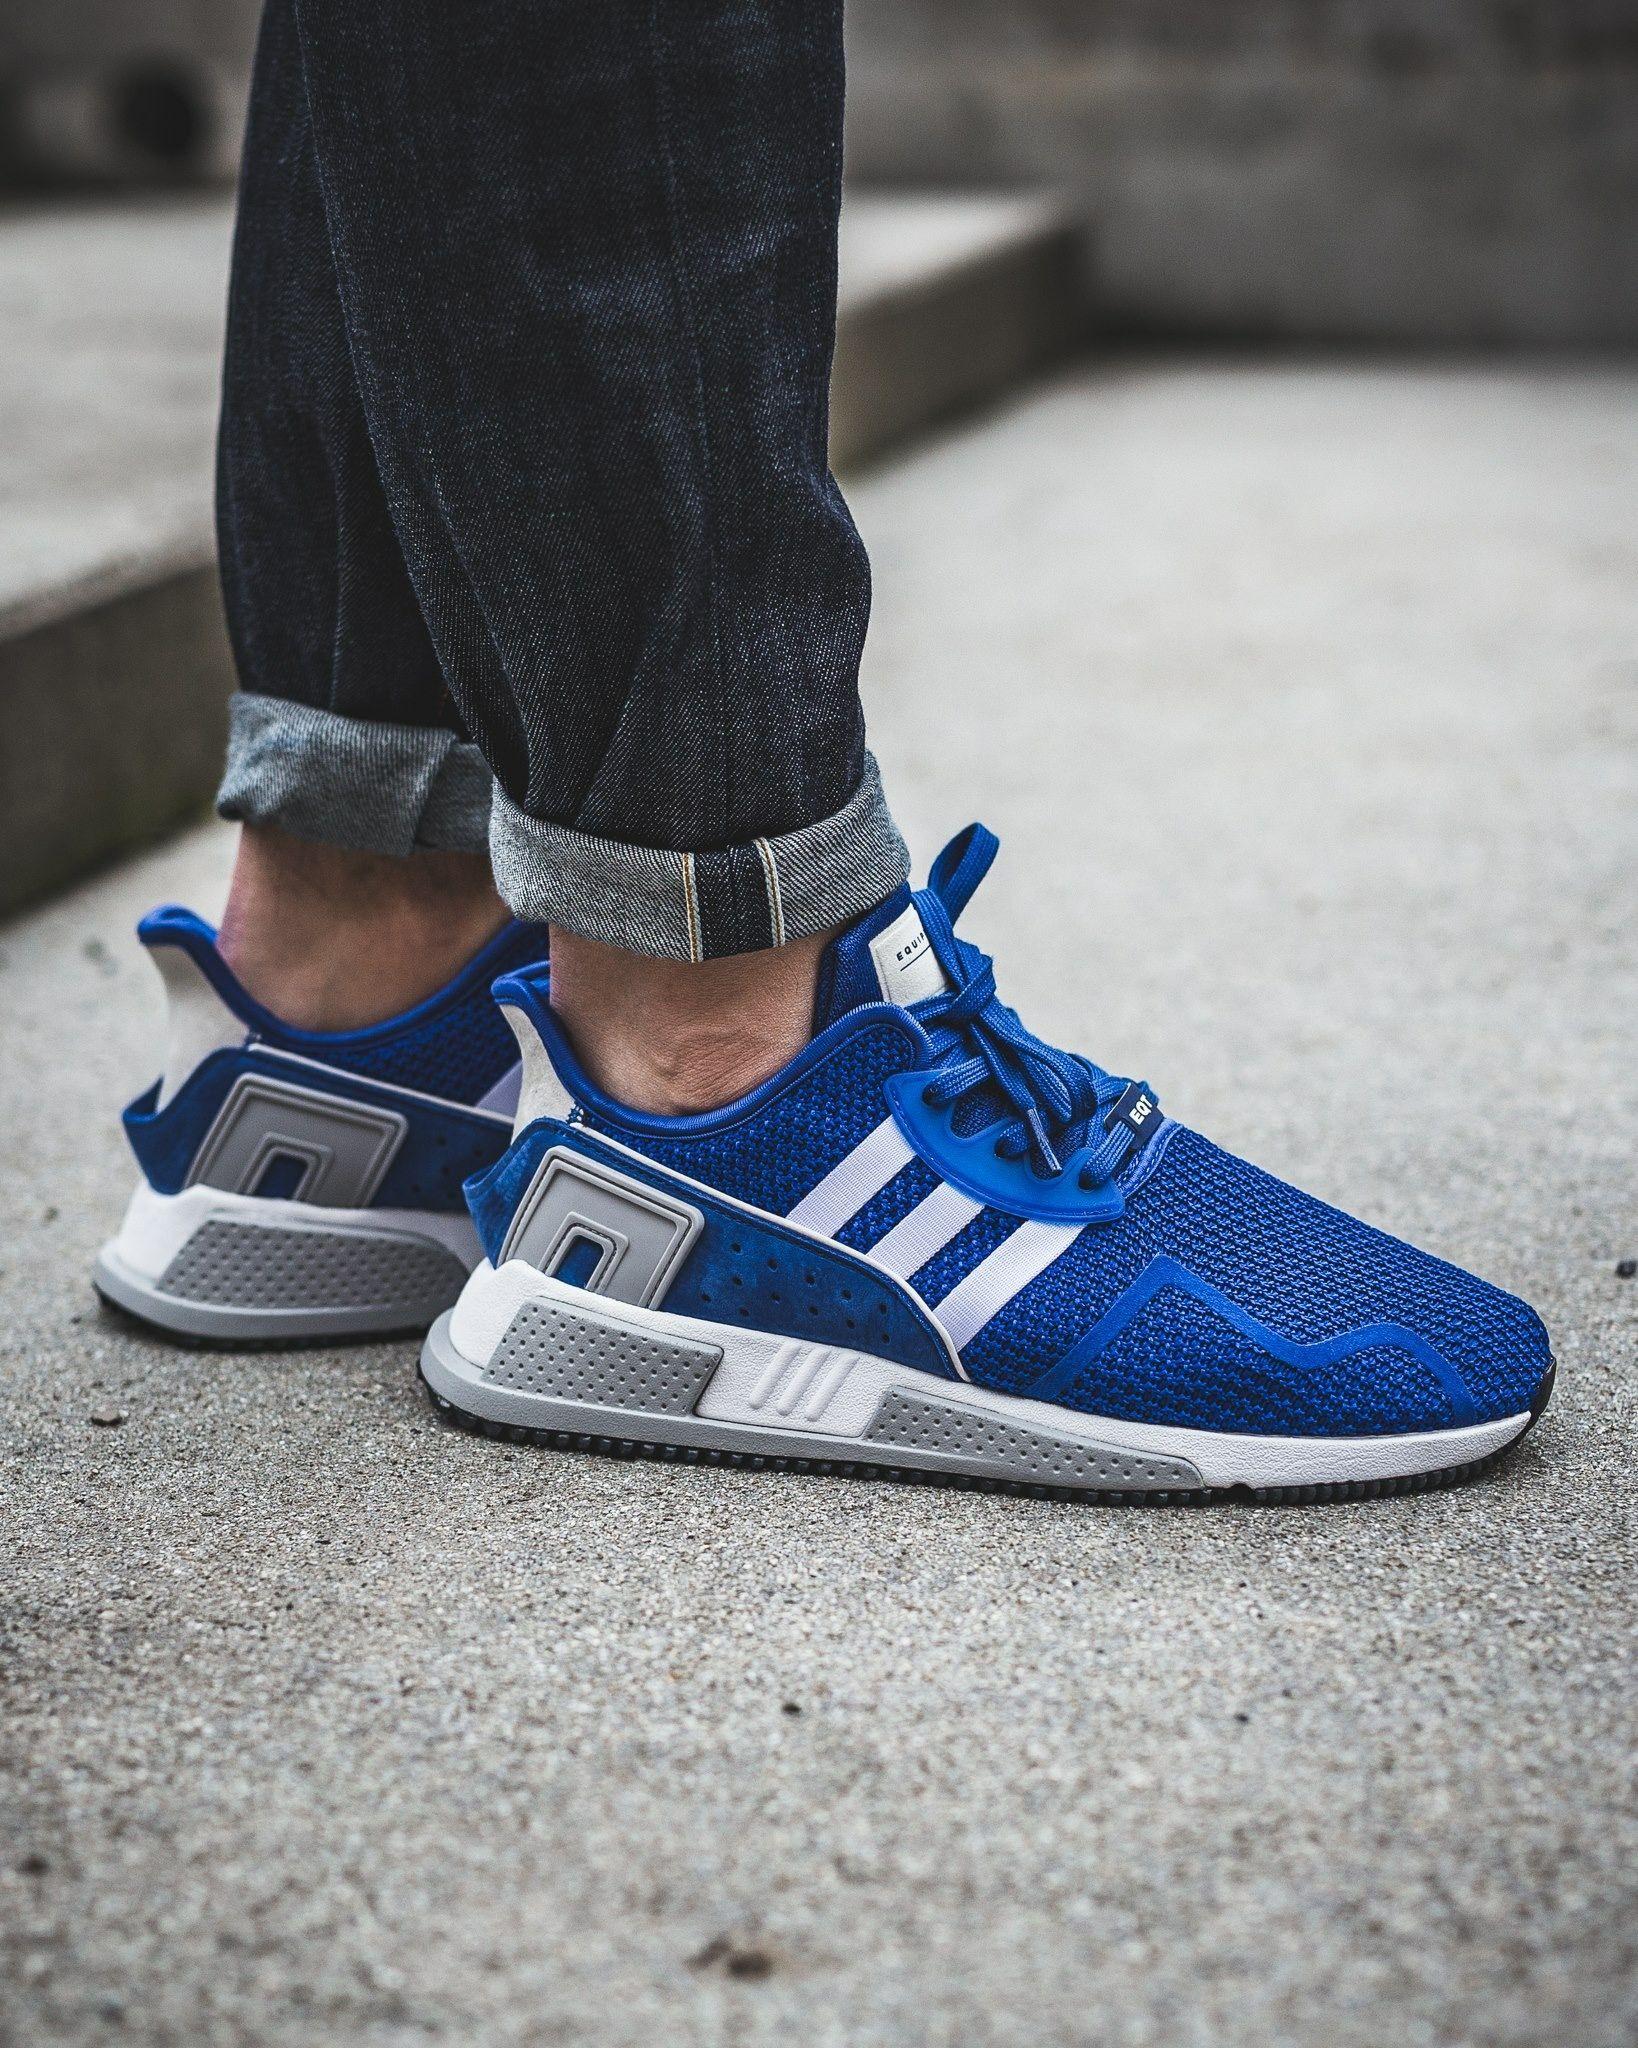 Adidas eqt cuscino avanzata scarpe pinterest adidas, indumenti di lavoro